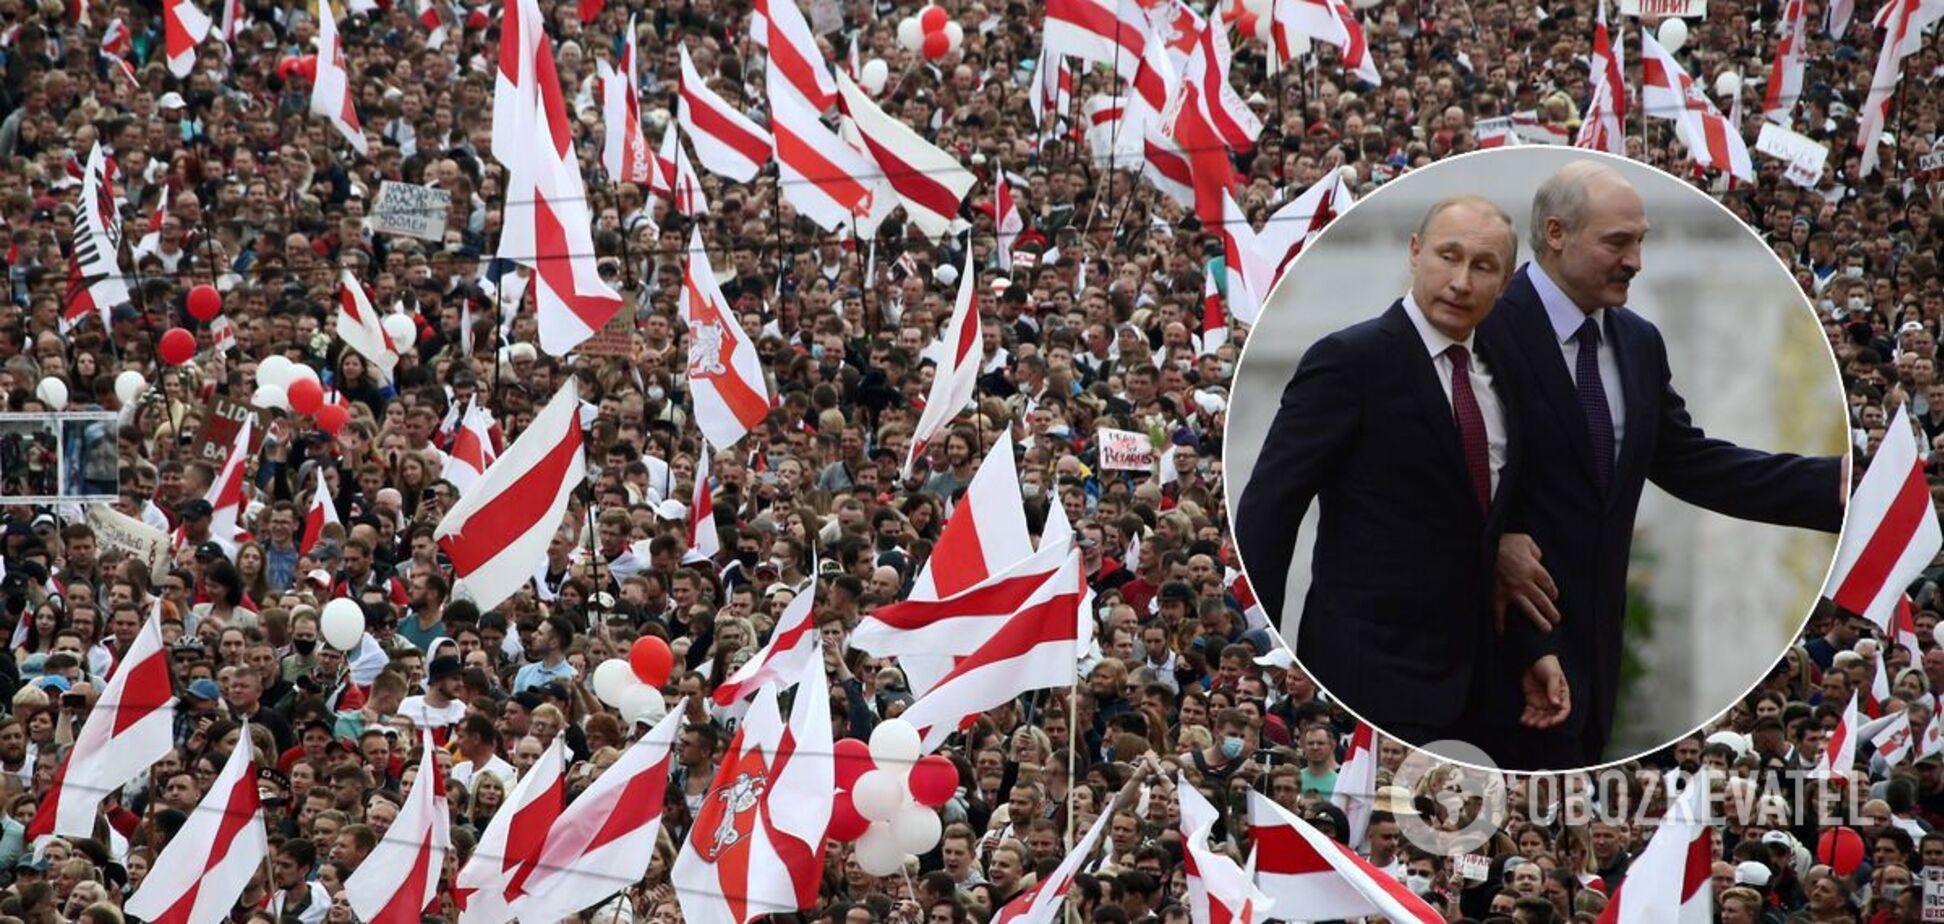 Белорусы отправили послание Путину, – оппозиционер